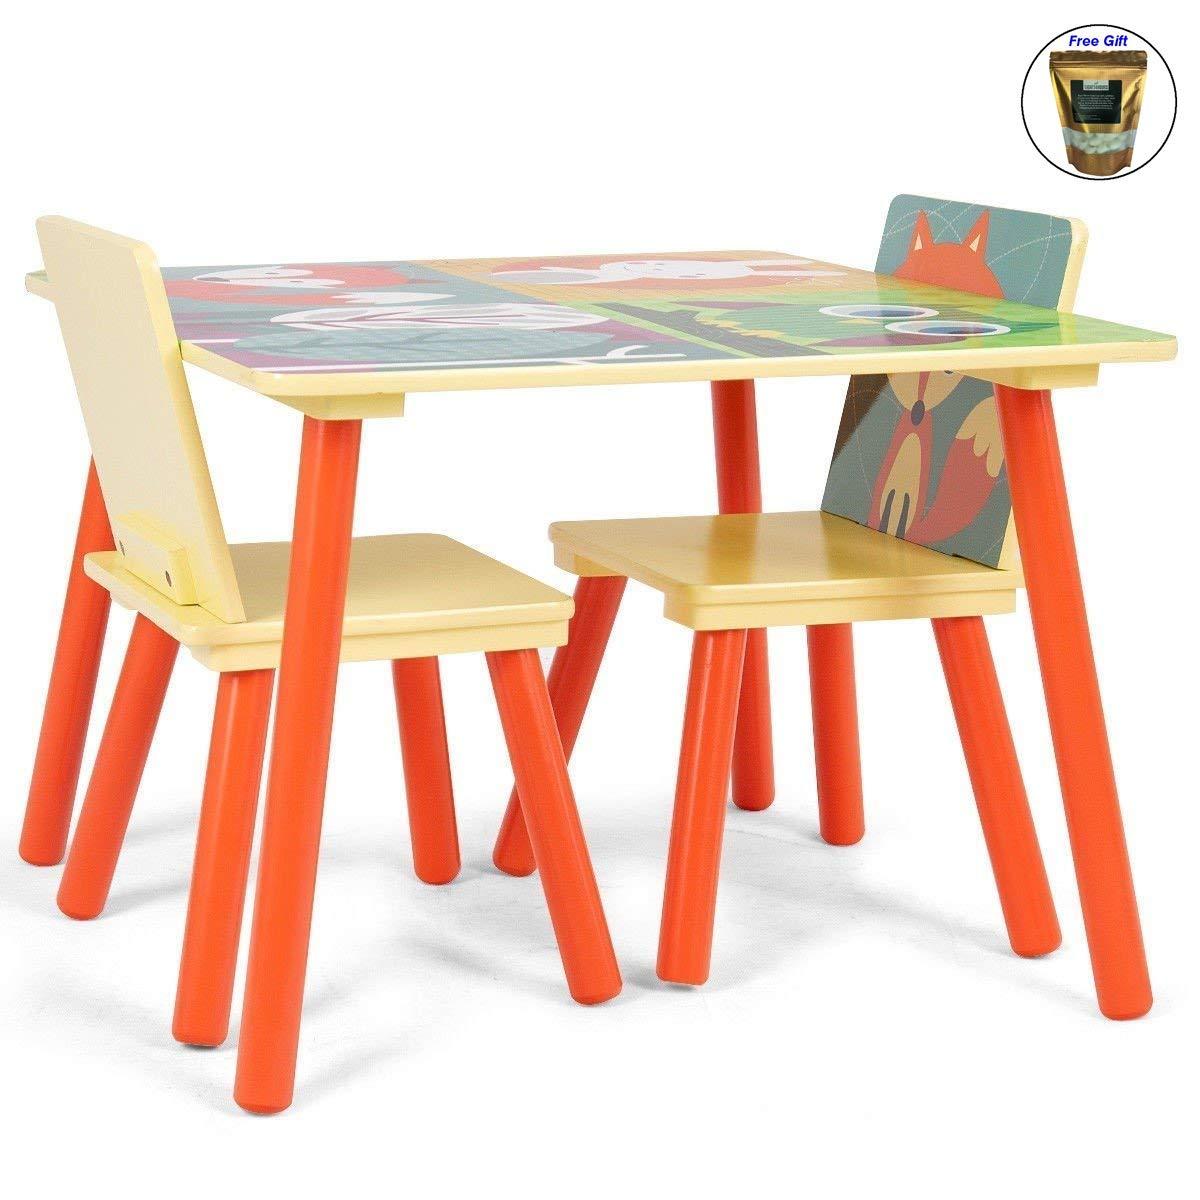 【正規品質保証】 子供用テーブルと2椅子セットデスク漫画パターン+無料e-book B07F878CNG, 門川町:c6503123 --- diesel-motor.pl